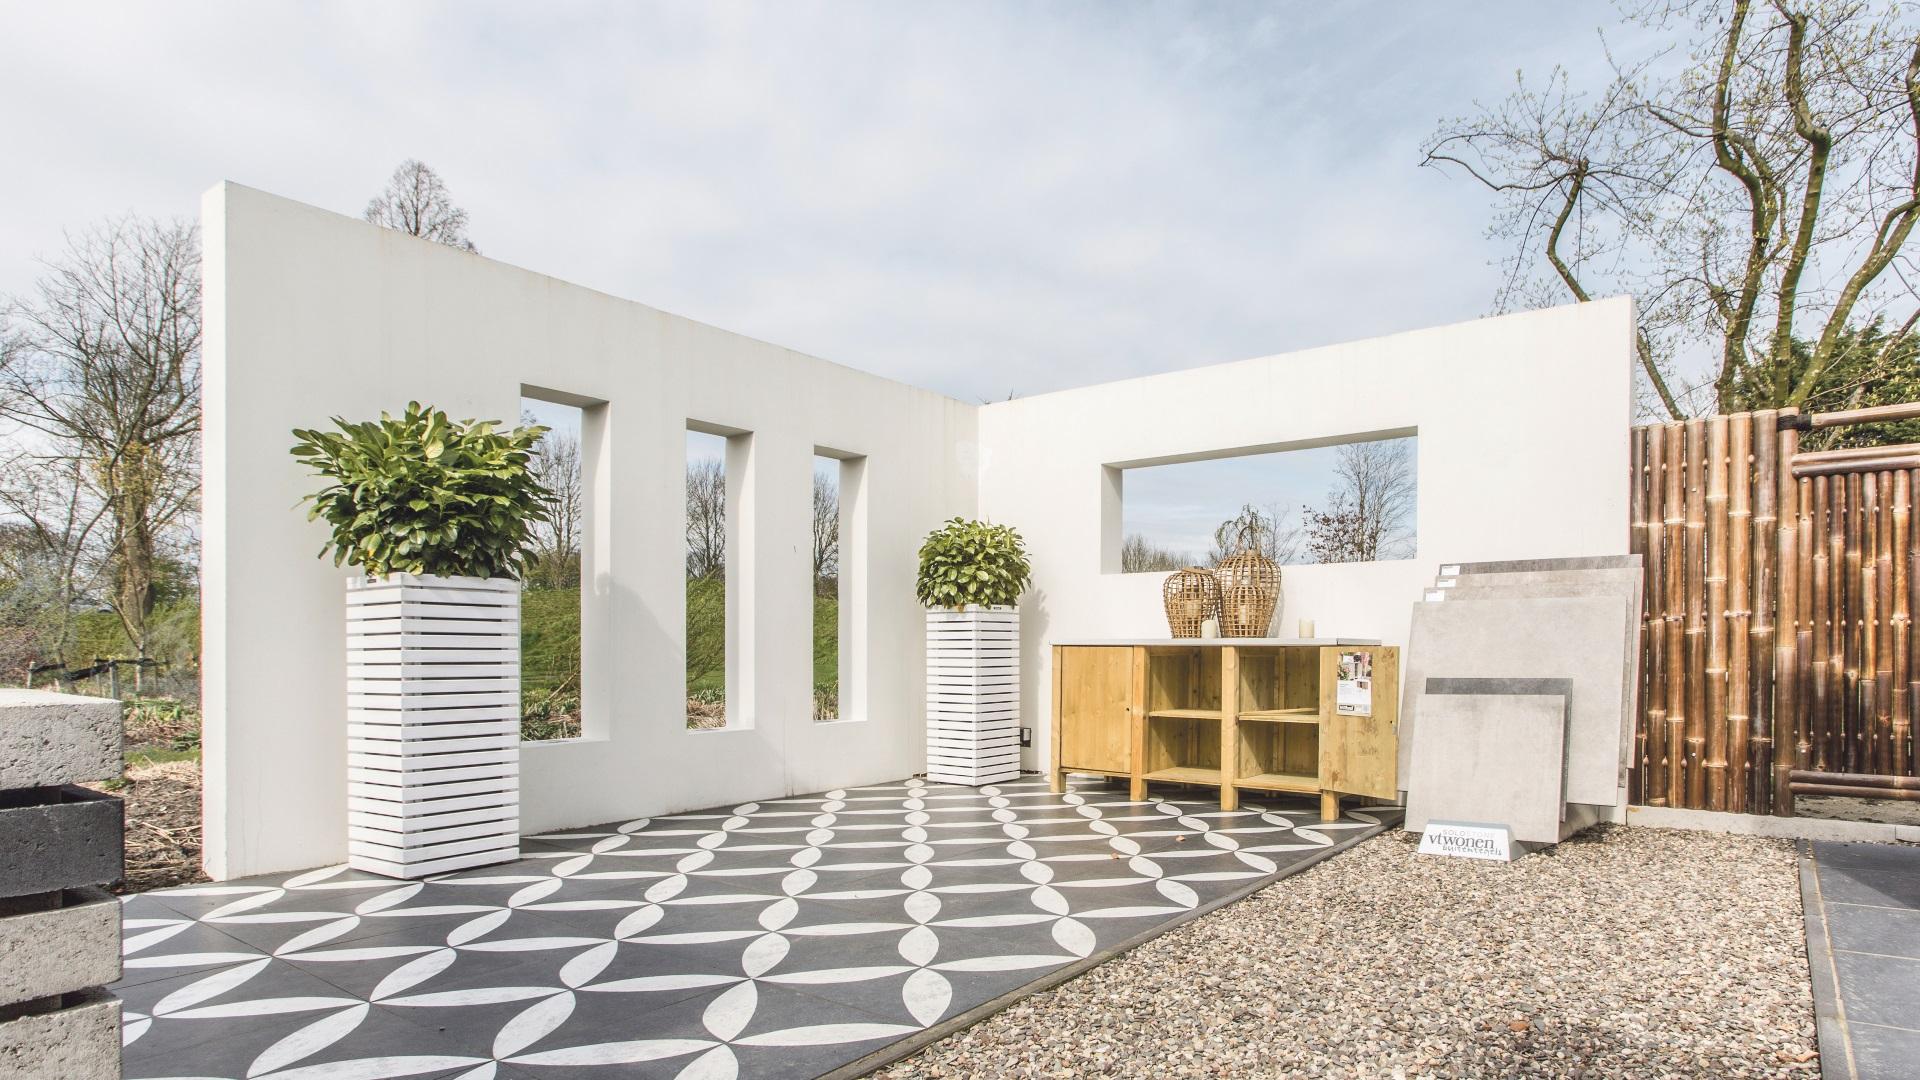 De Prefab Garden Wall van Spaansen Tuin en Bestrating te zien bij Spaansen in Zuidoostbeemster